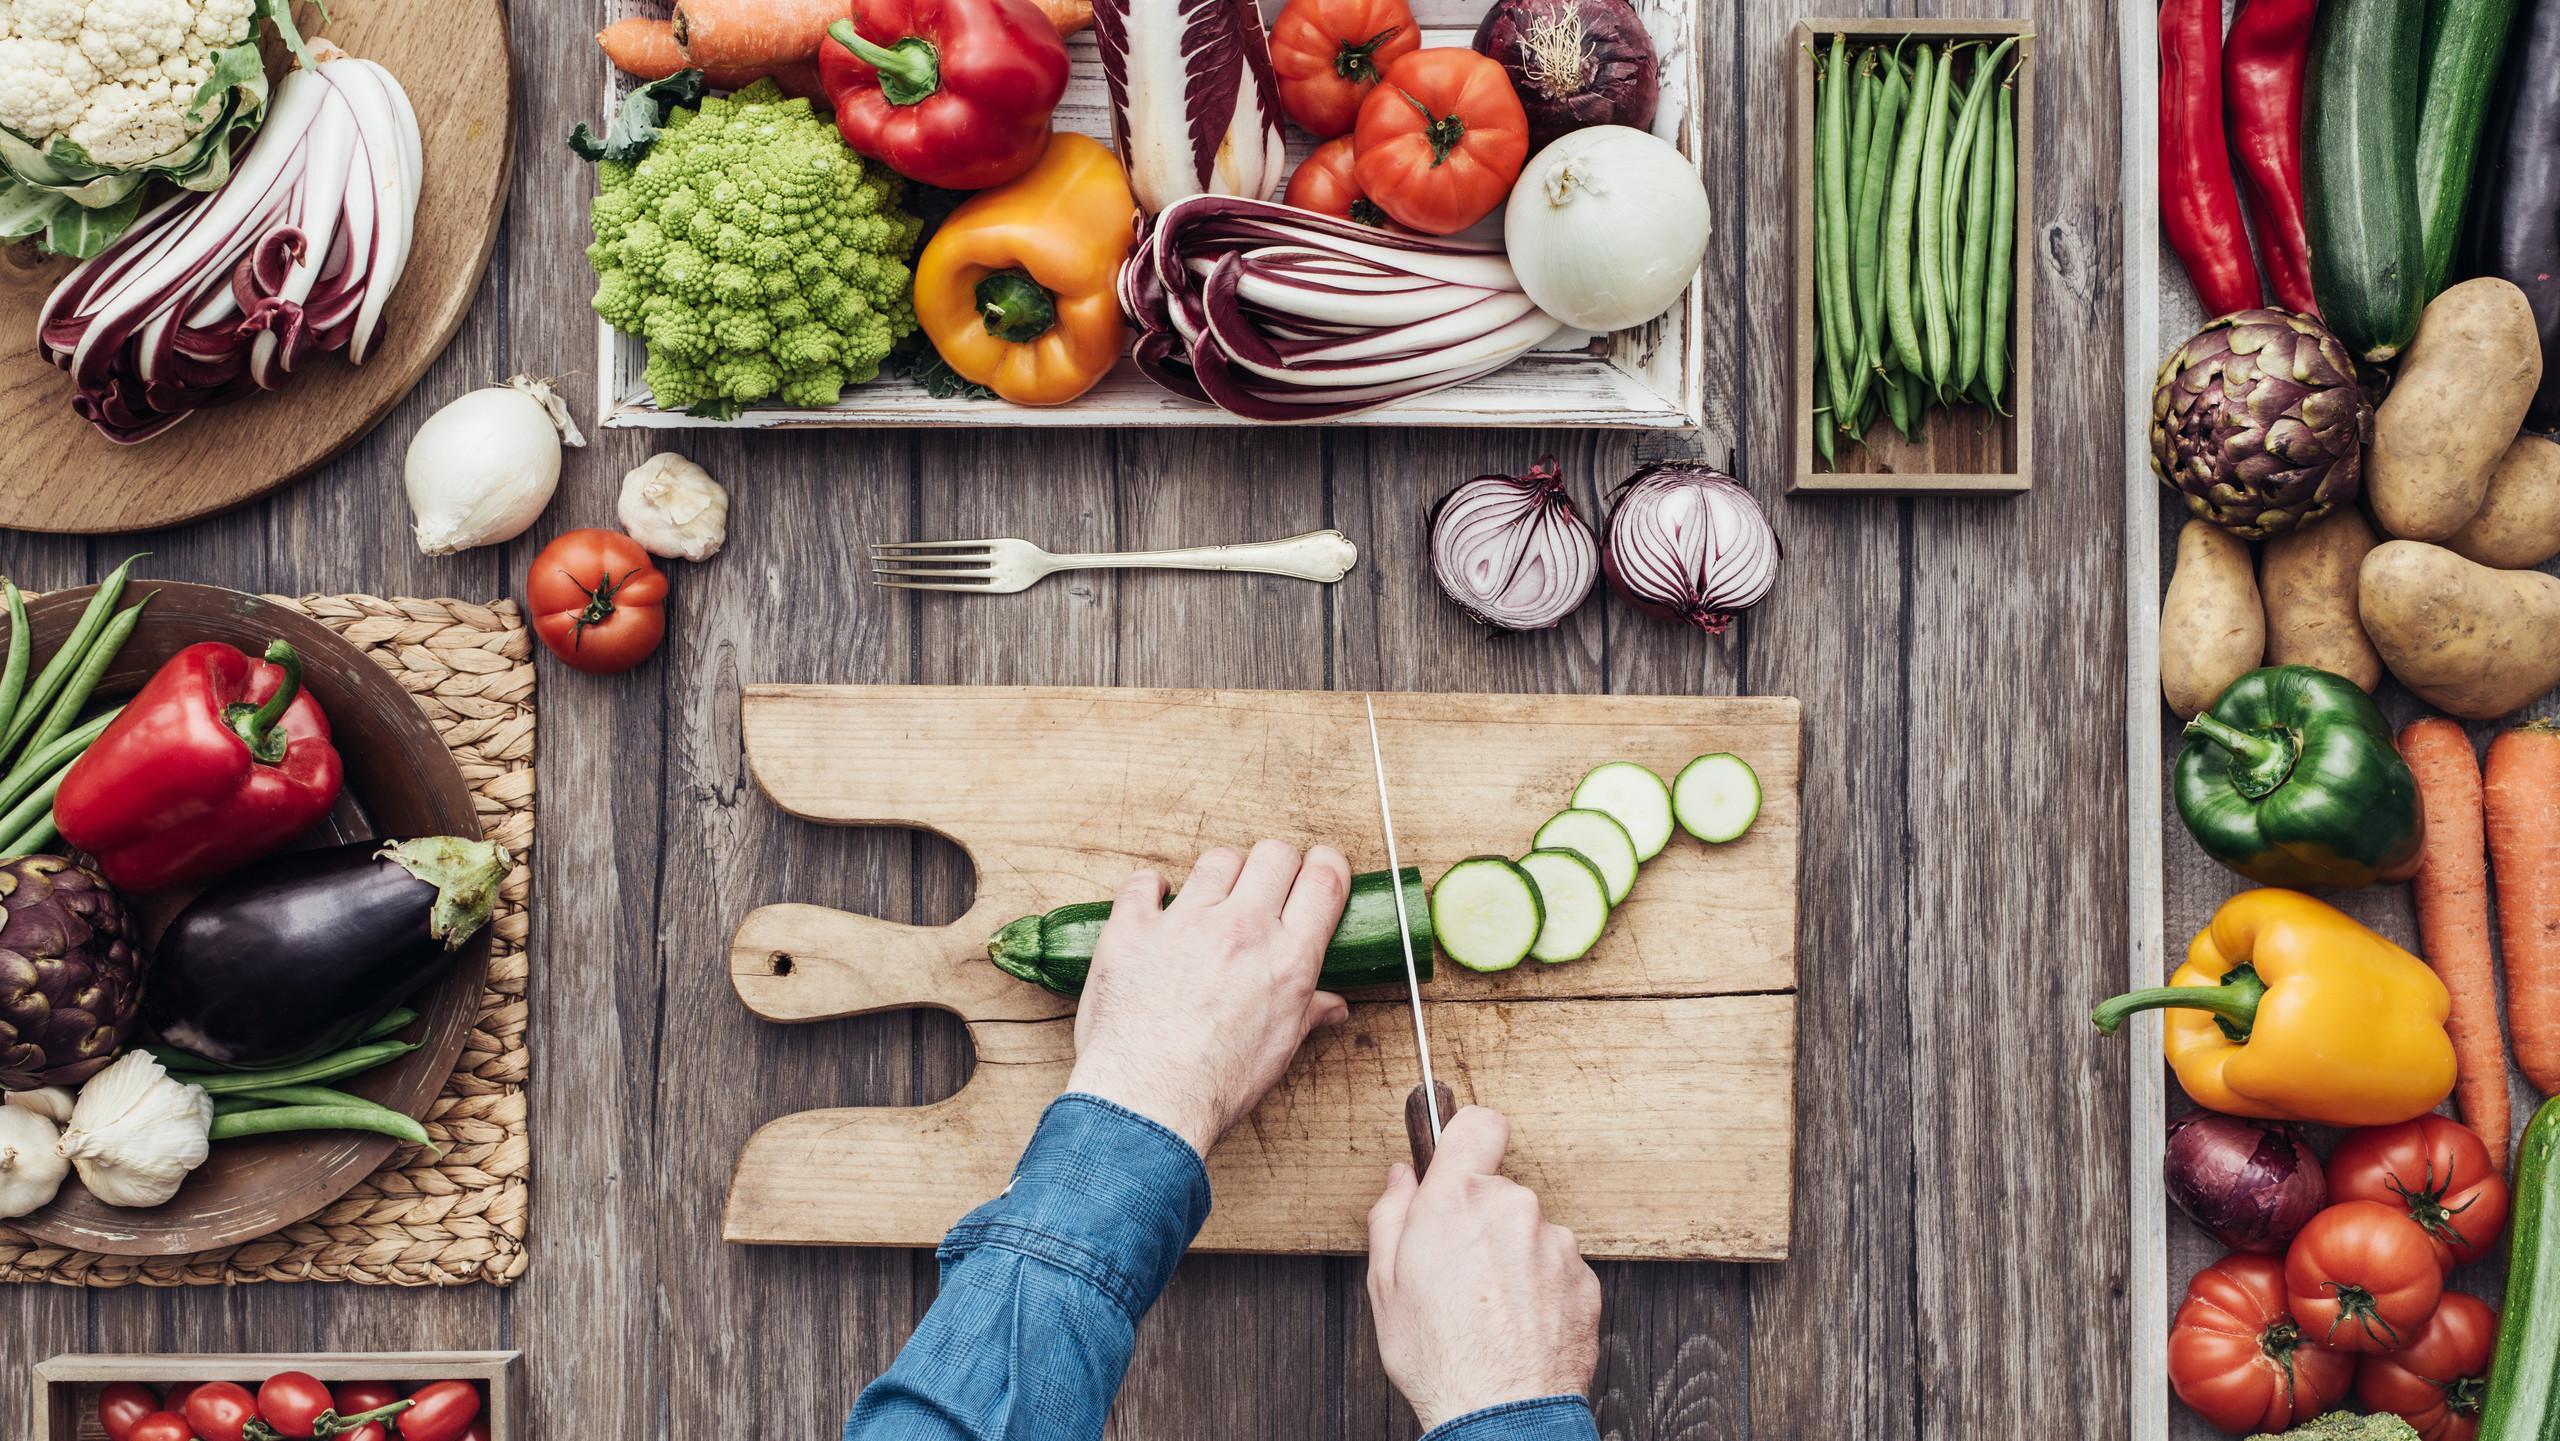 Kochen mit Frischgemüse | © Fotolia StockPhotoPro